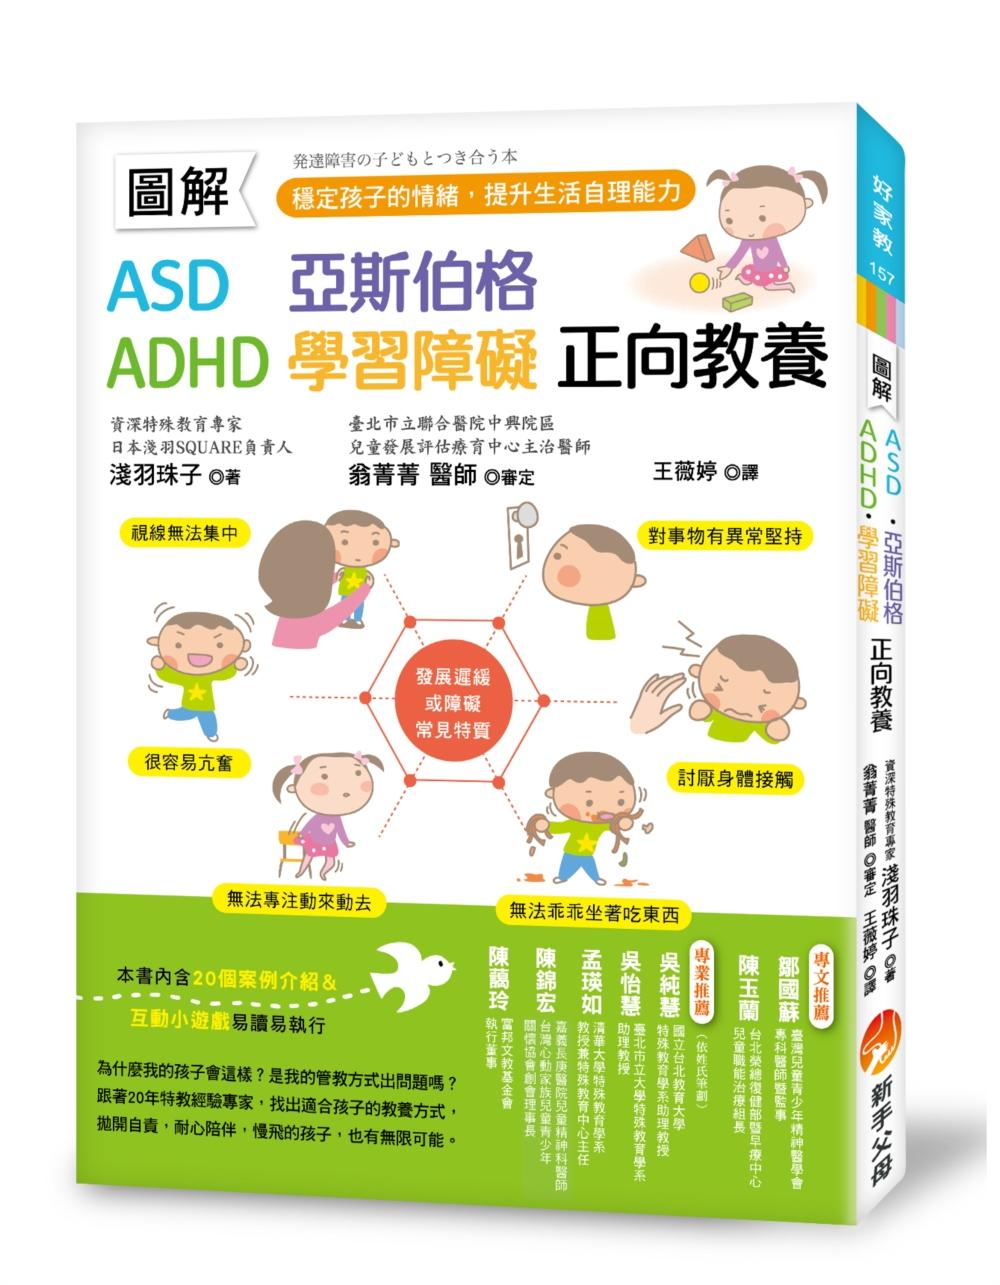 圖解 ASD、亞斯伯格、ADH...